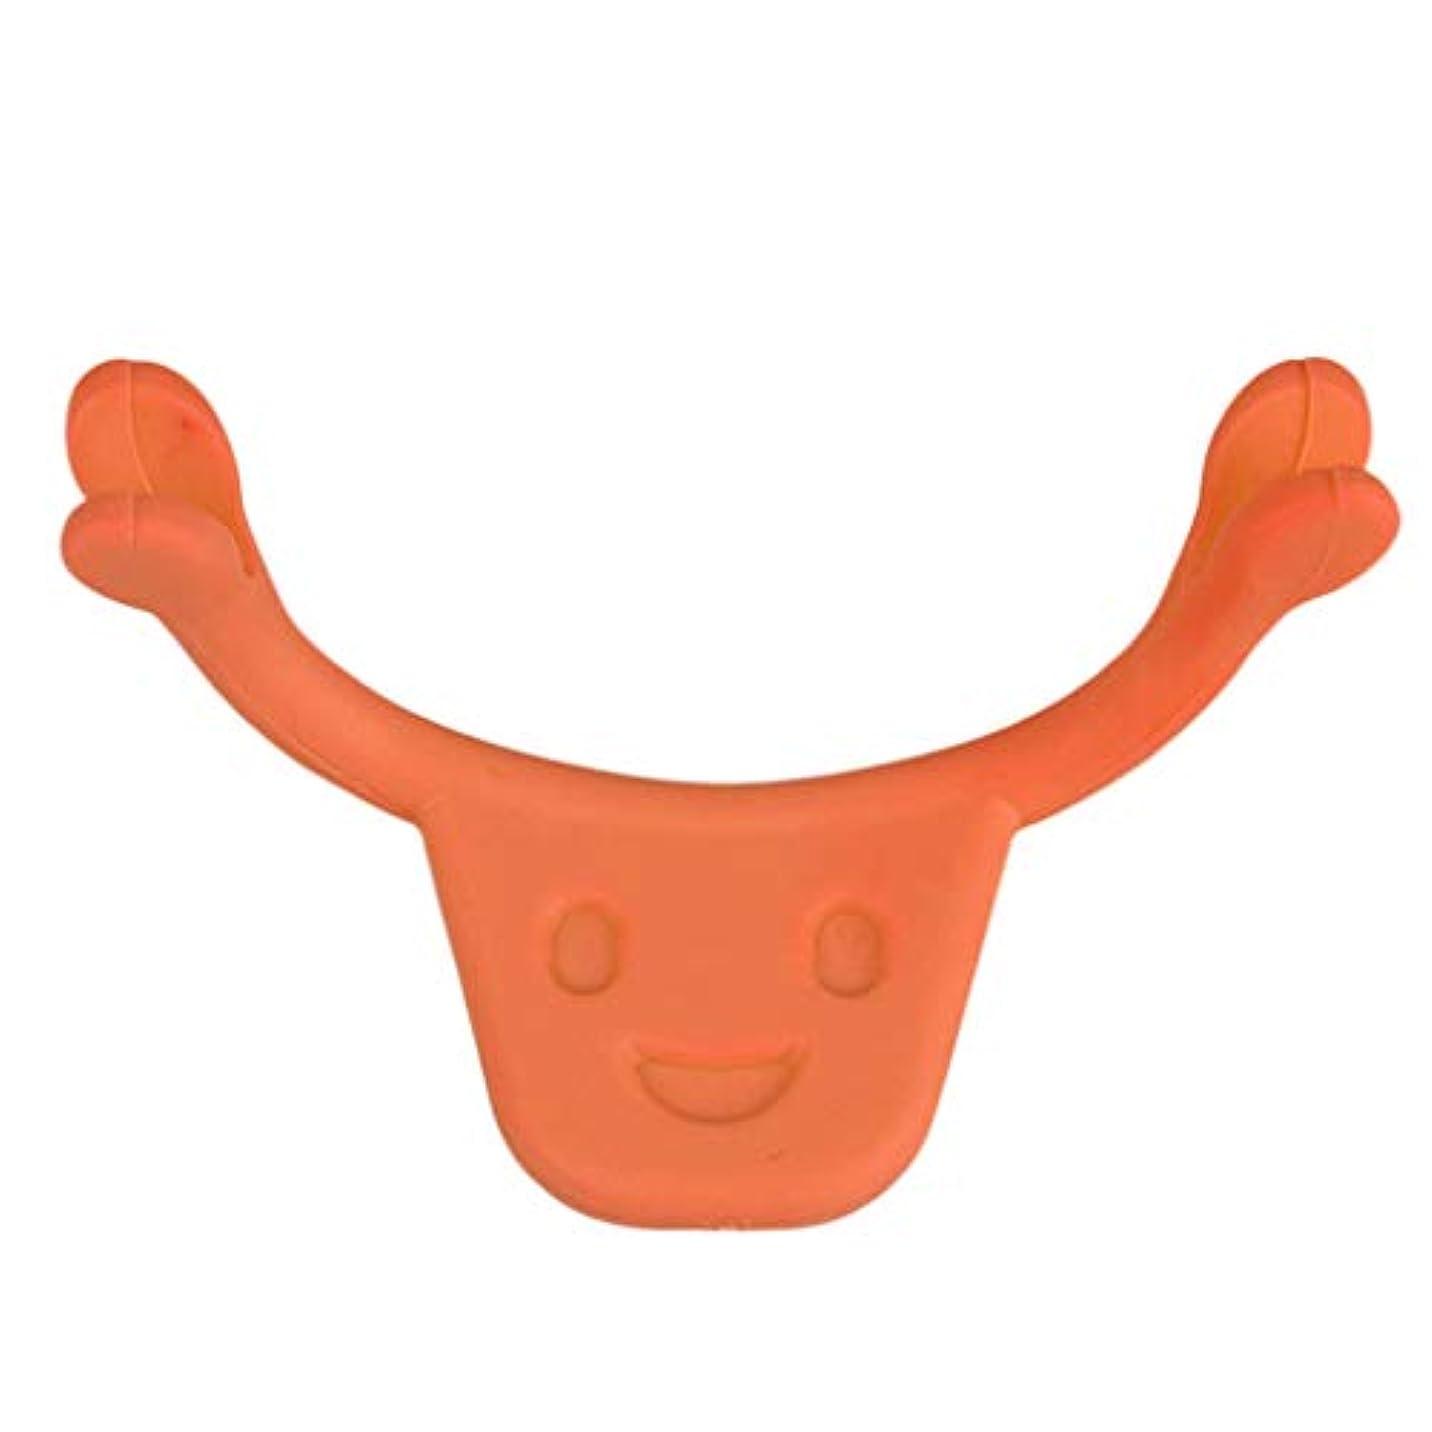 置換キャリア振動させるsharprepublic 口角を上げるグッズ 表情筋 トレーニング 笑顔 二重あご 消す 小顔 ストレッチ 小顔矯正 全2色 - オレンジ